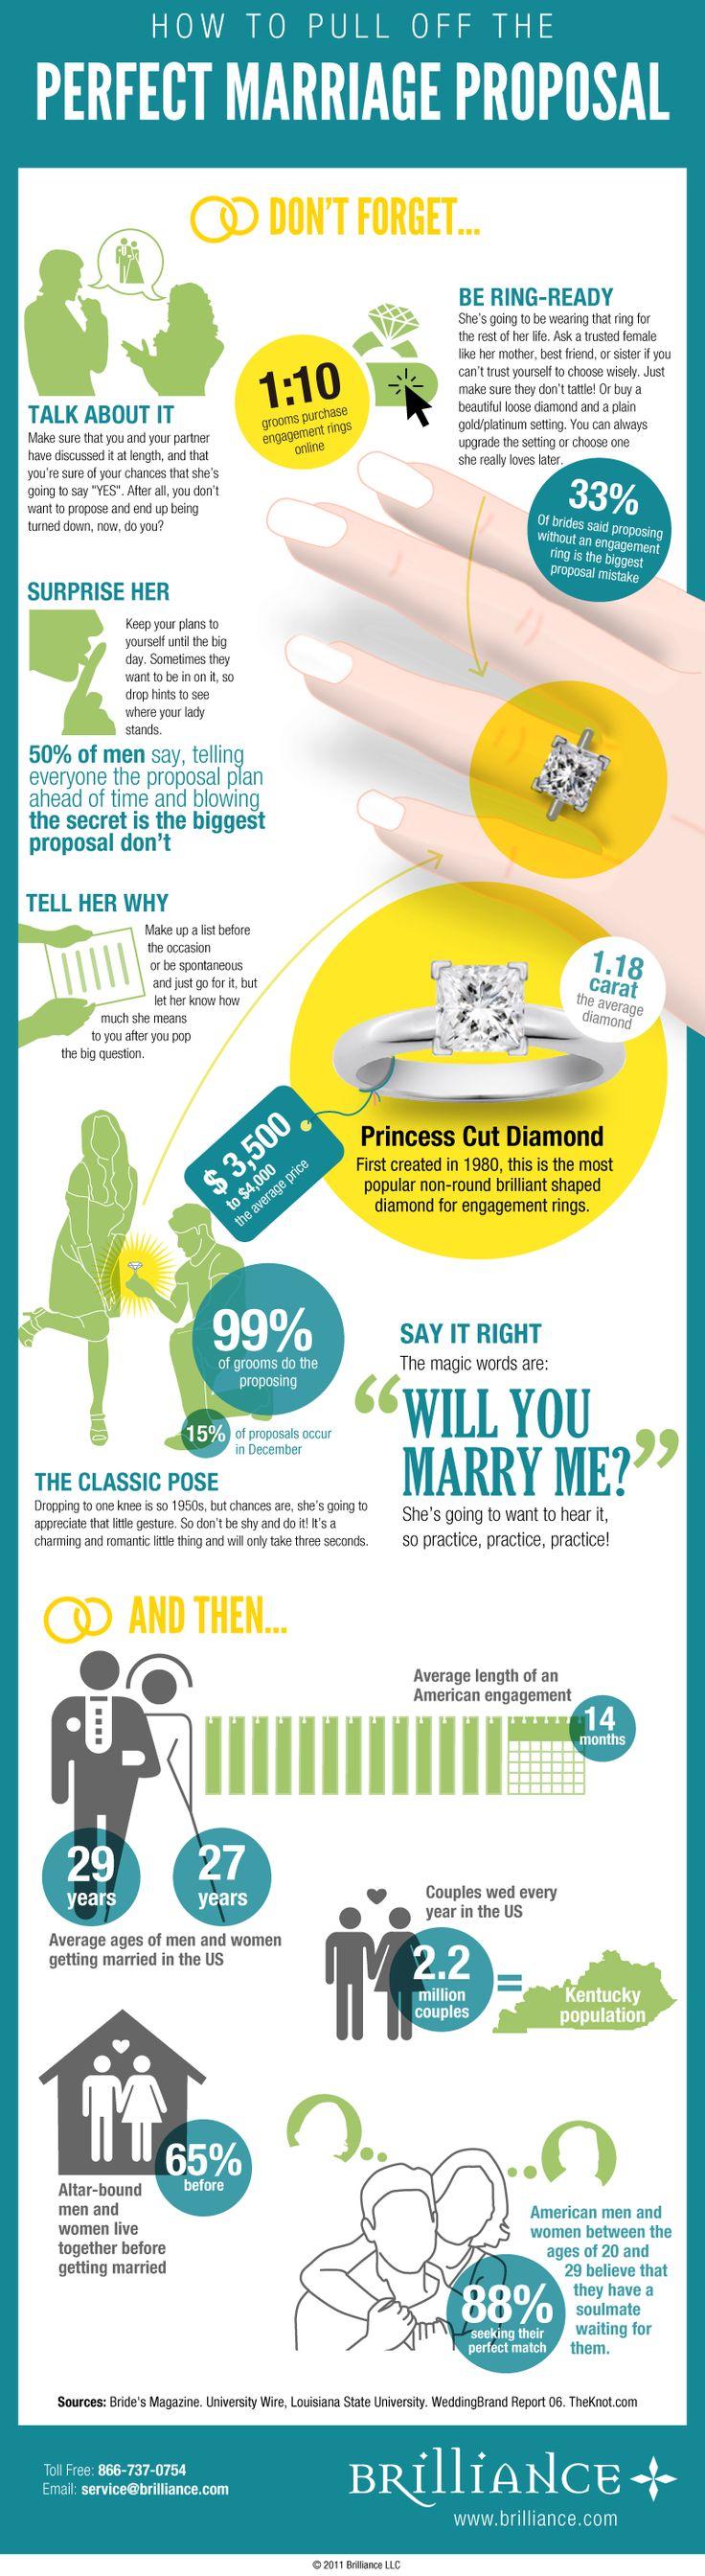 Hoe ziet een ideale huwelijkaanzoek eruit? #huwelijk #trouwen #infographic